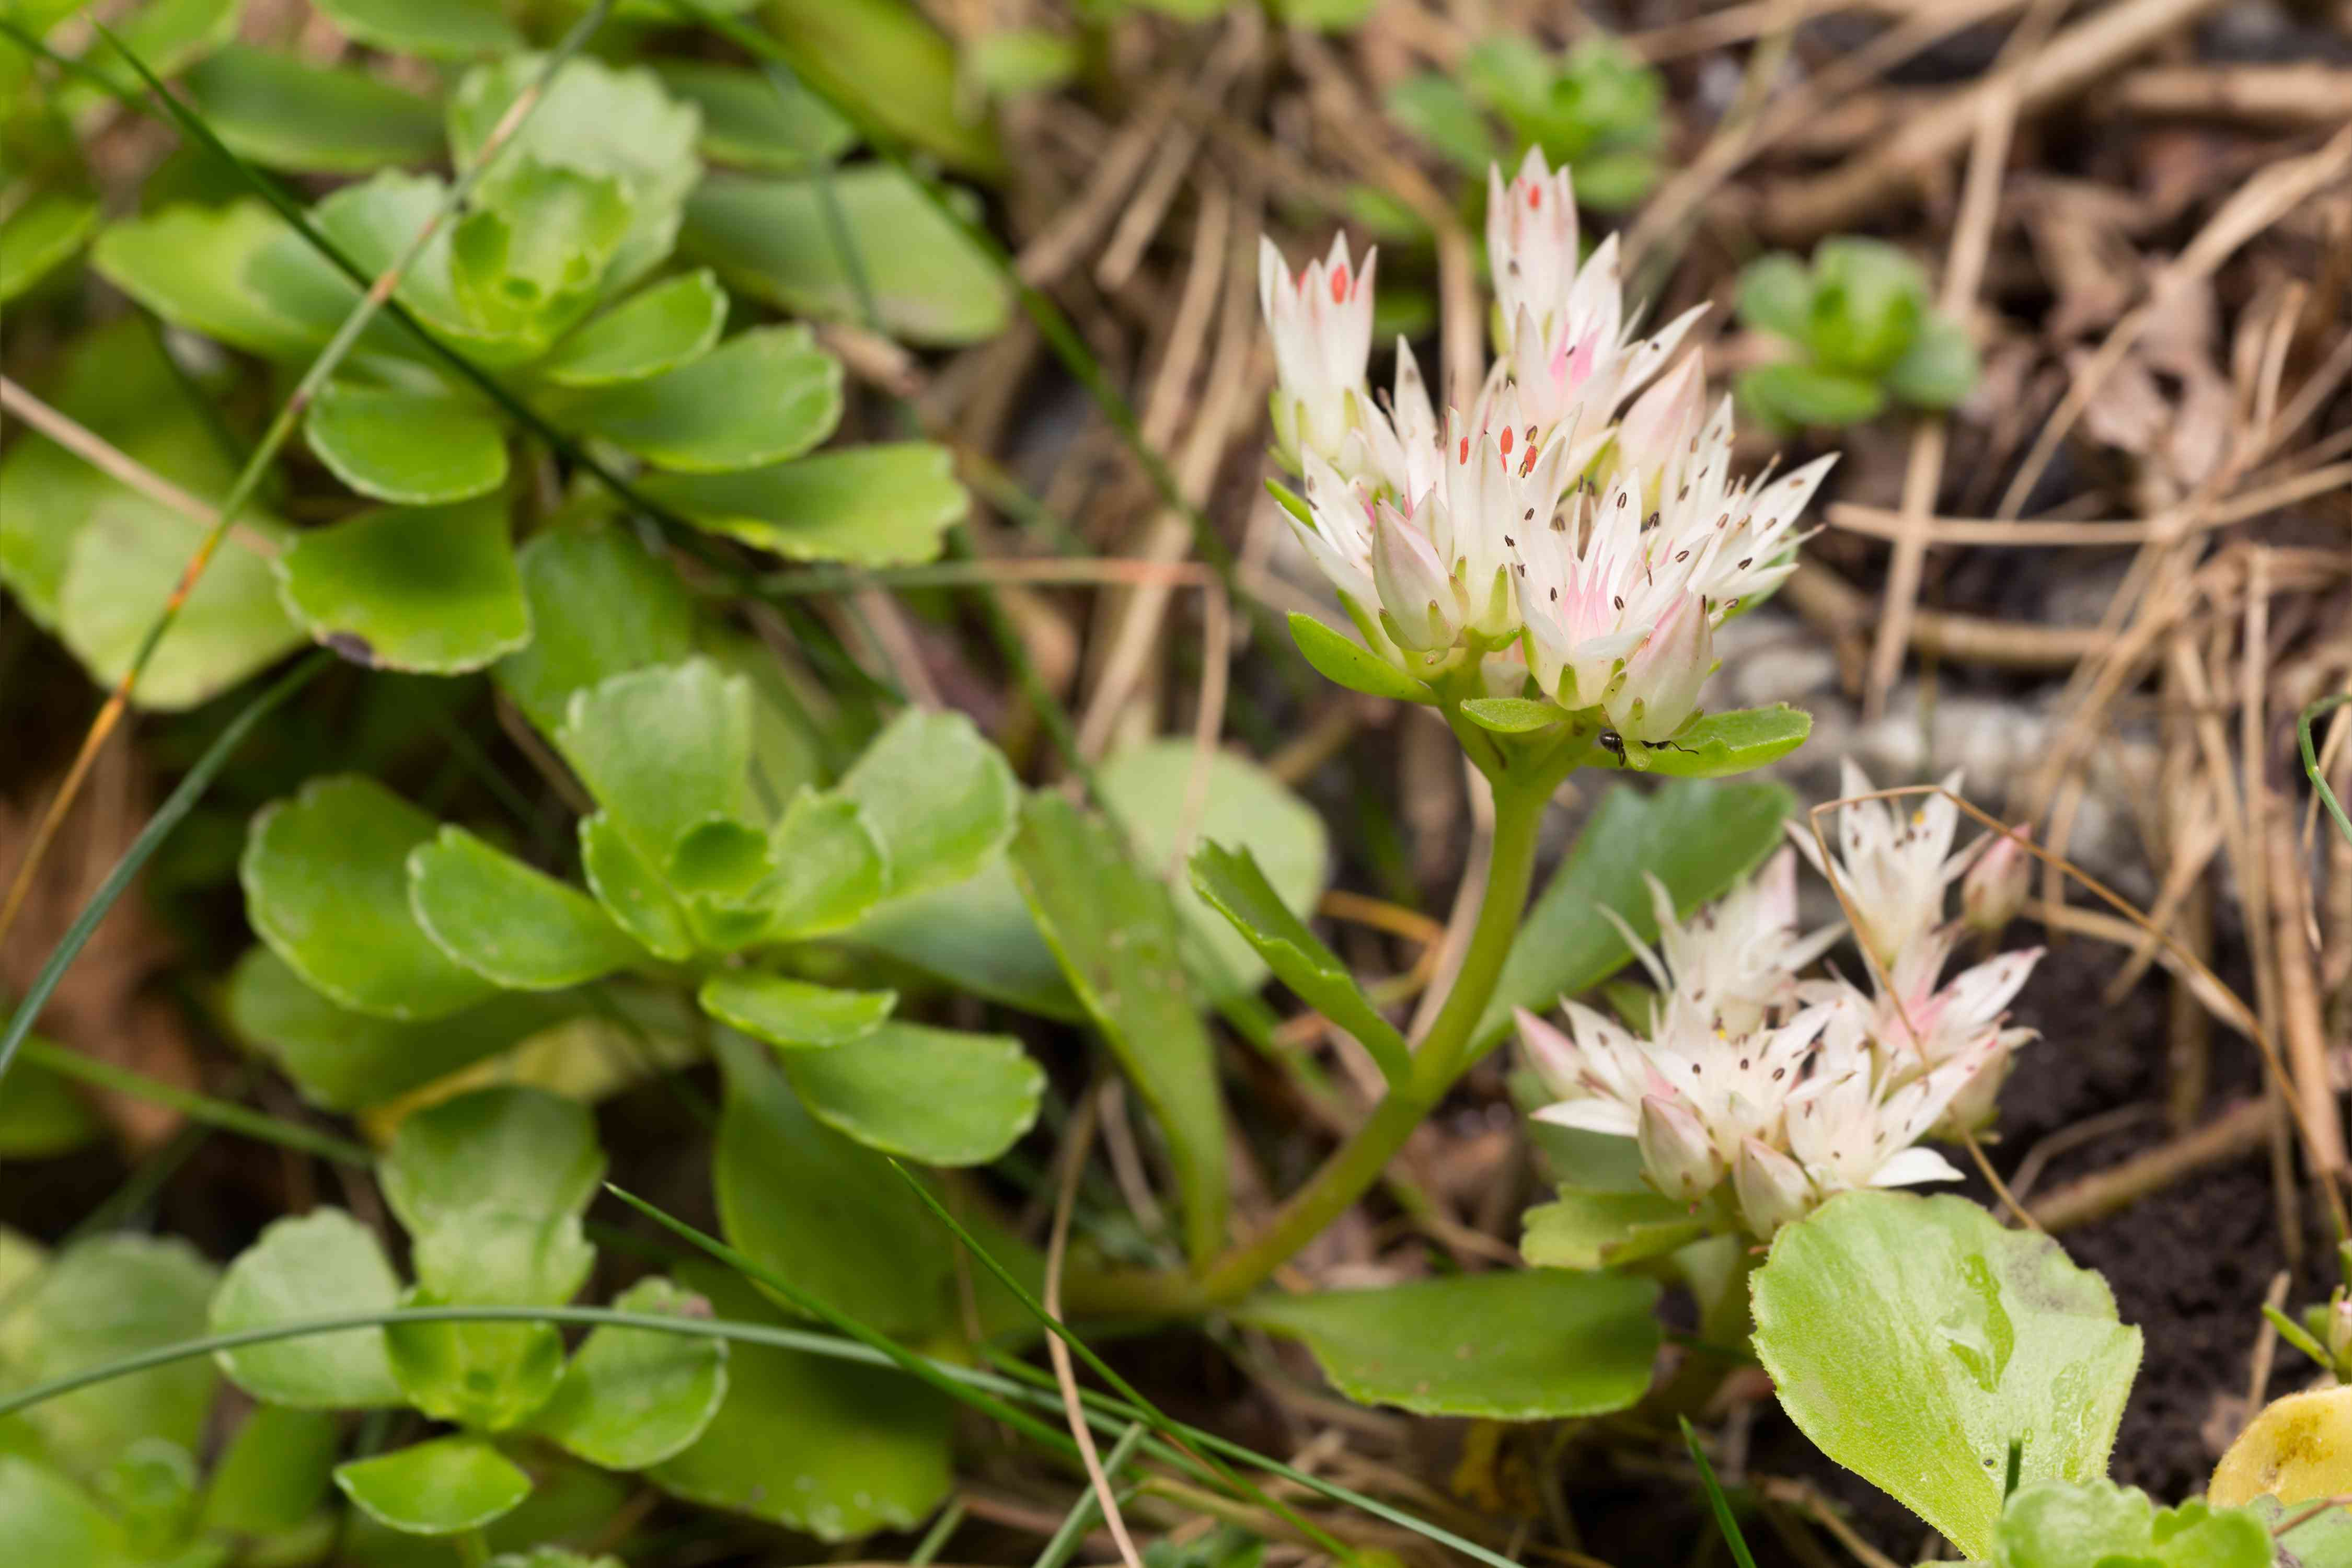 Blooming Caucasian Stonecrop (Sedum spurium) of the Crassulaceae family.